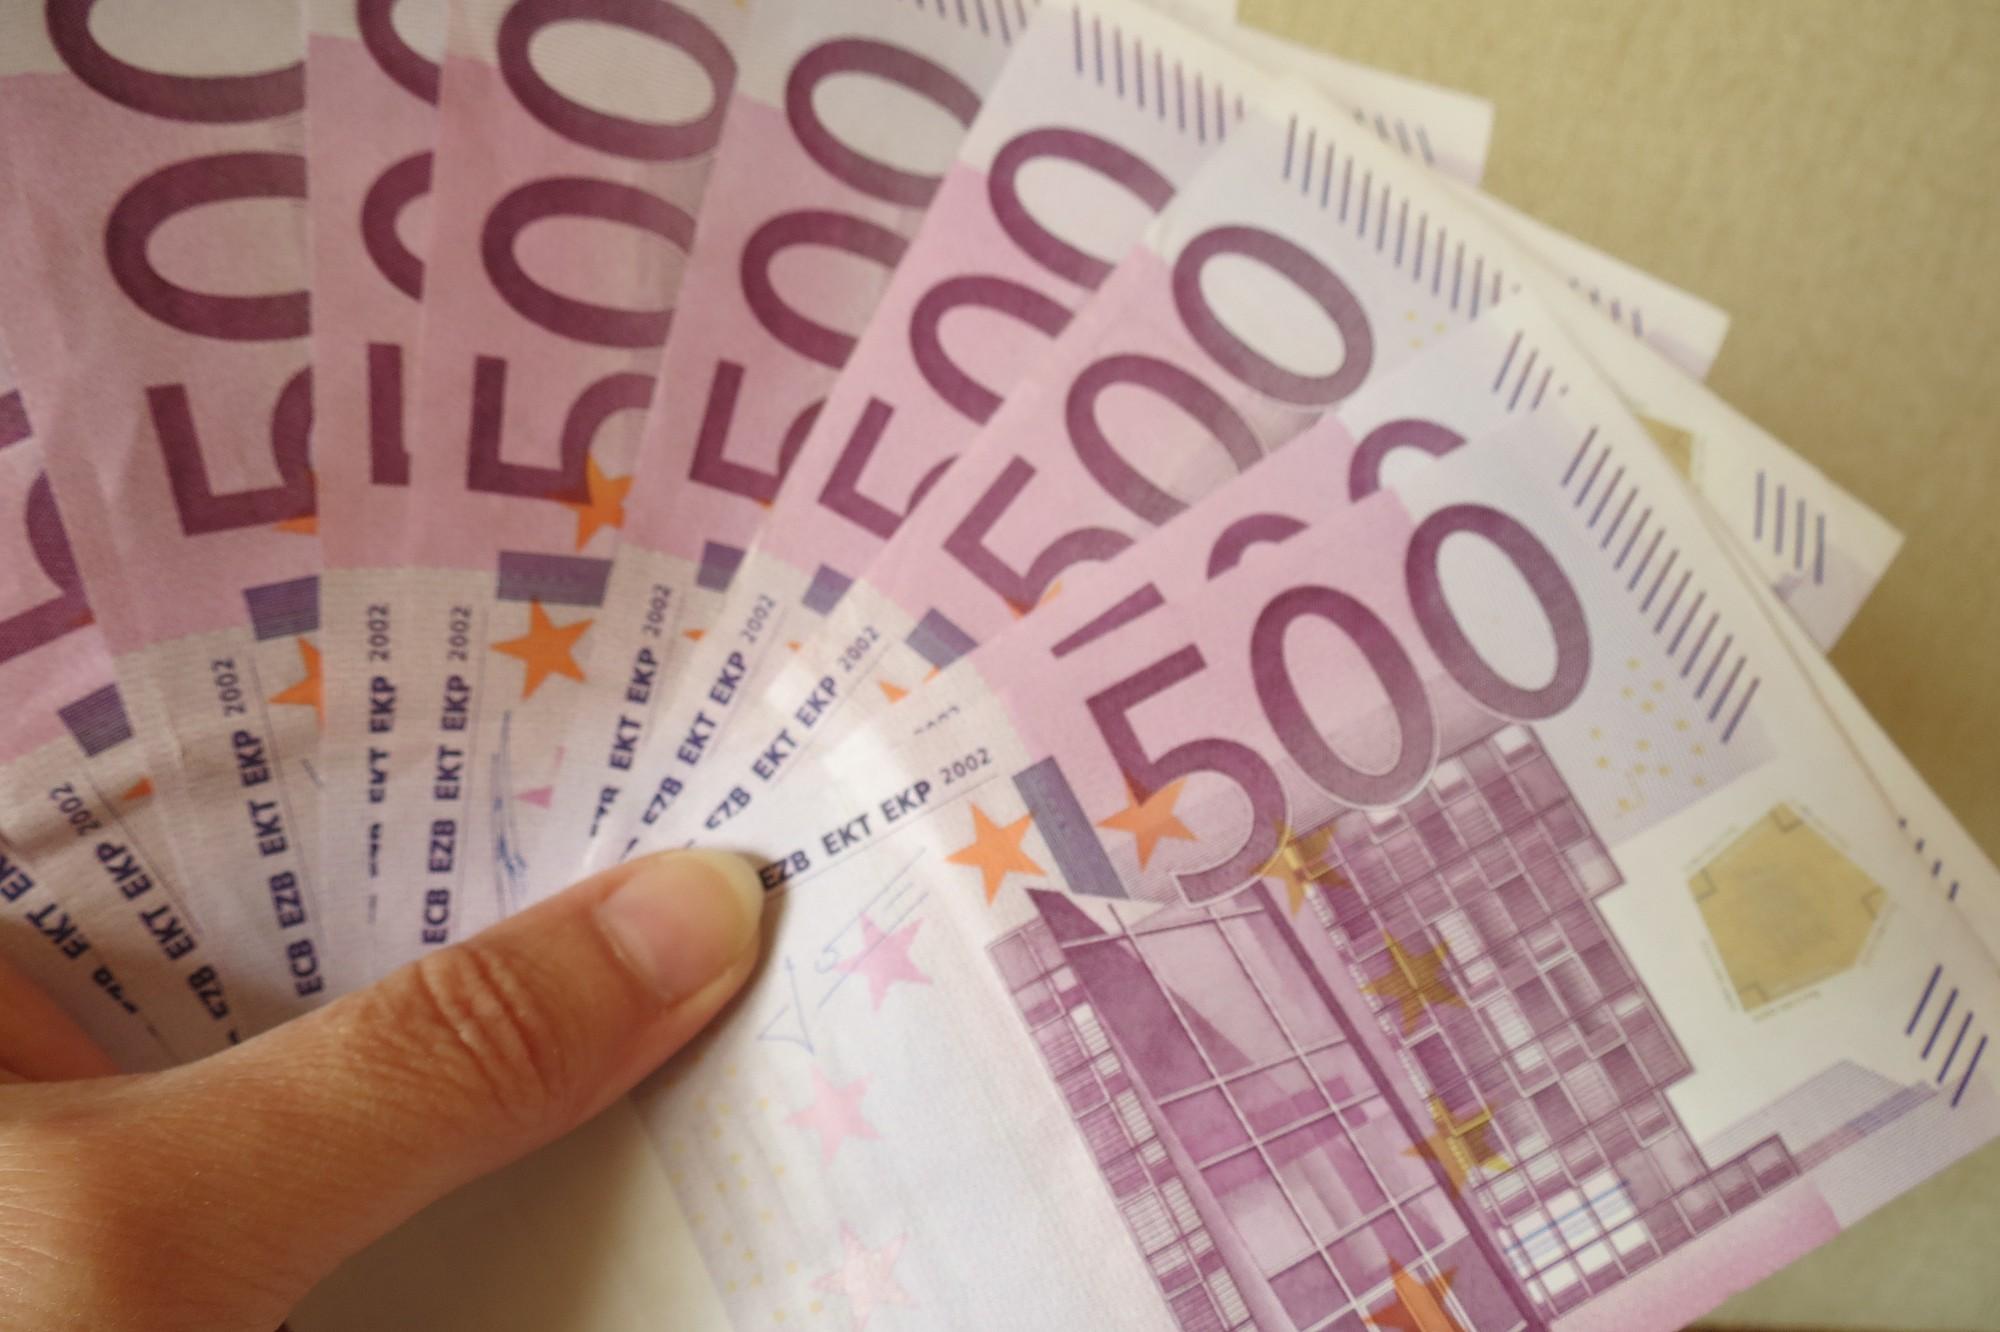 Liepājas cietuma būvniecības atlikšanas dēļ, novirza gandrīz vienu miljonu eiro neparedzētiem gadījumiem